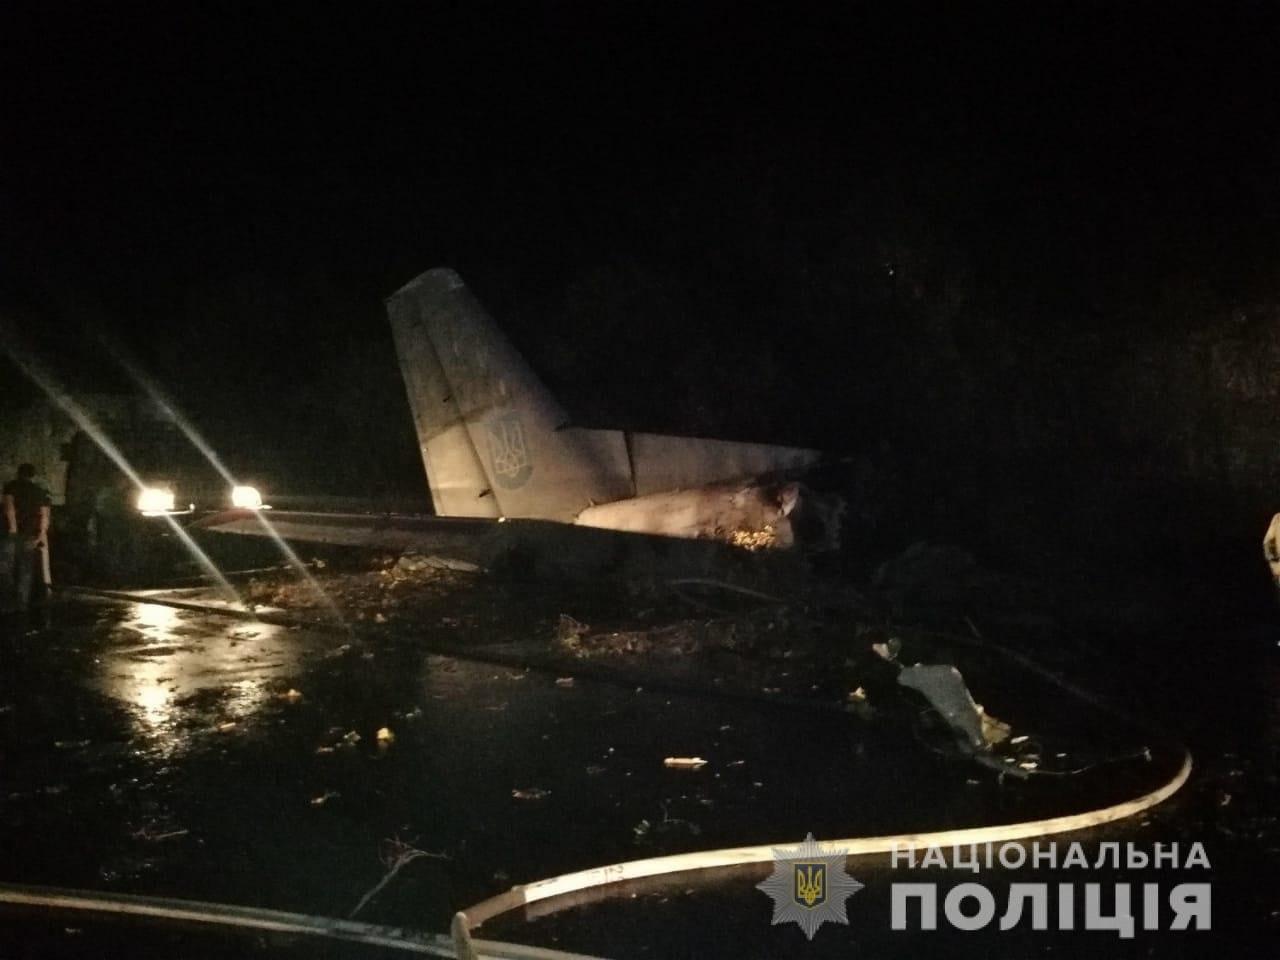 Украинада ҳарбий самолёт қулаб тушди. 22 киши ҳалок бўлгани айтилмоқда